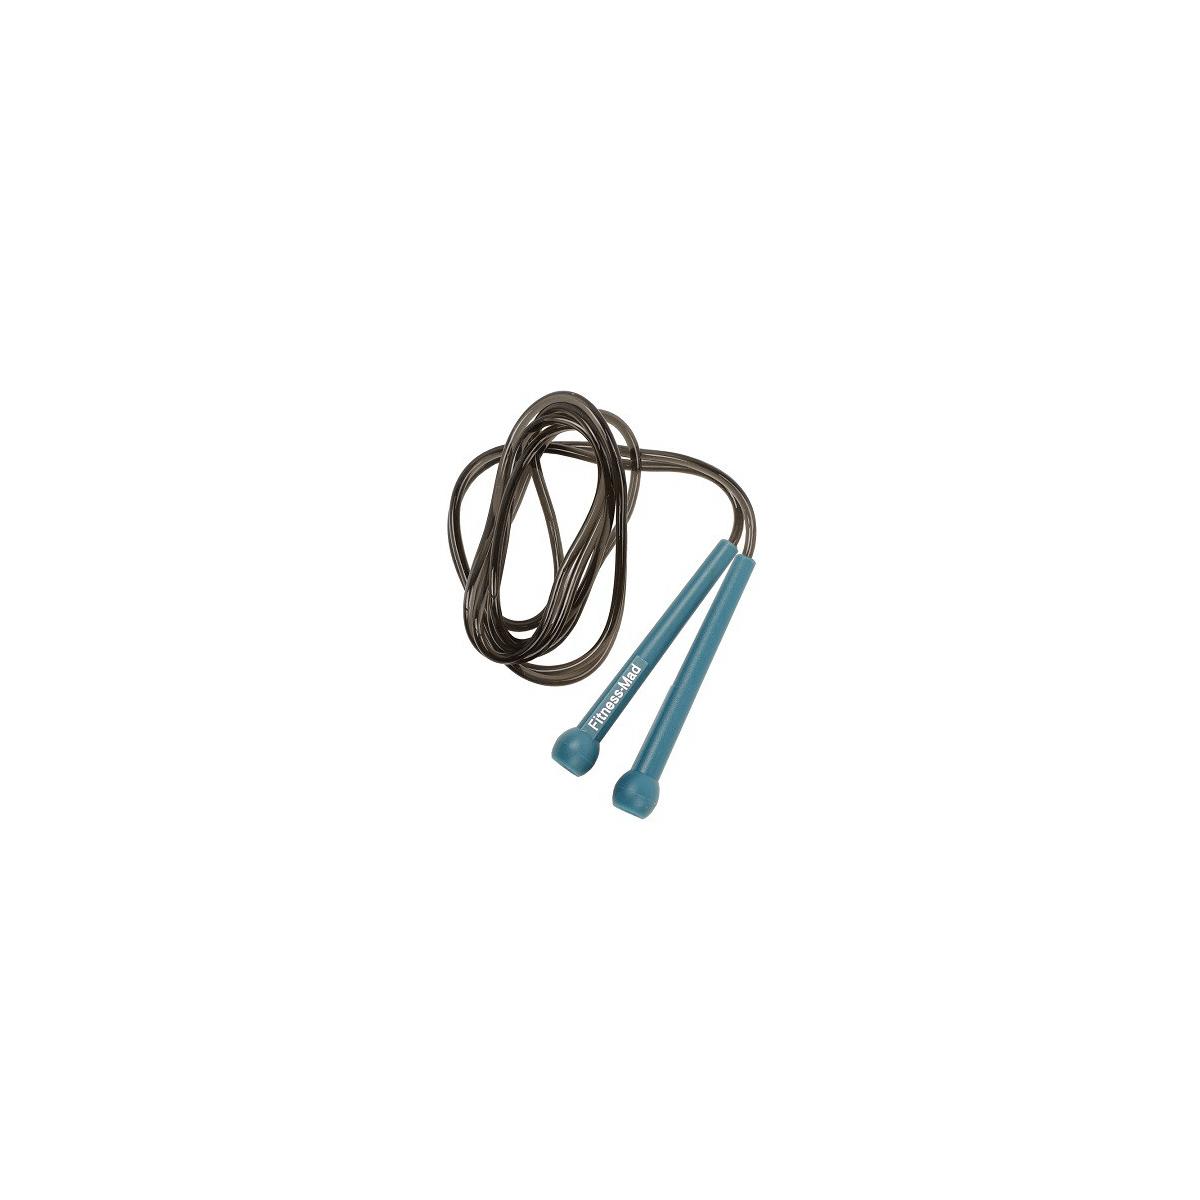 Corde à sauter vinyle 275 cm